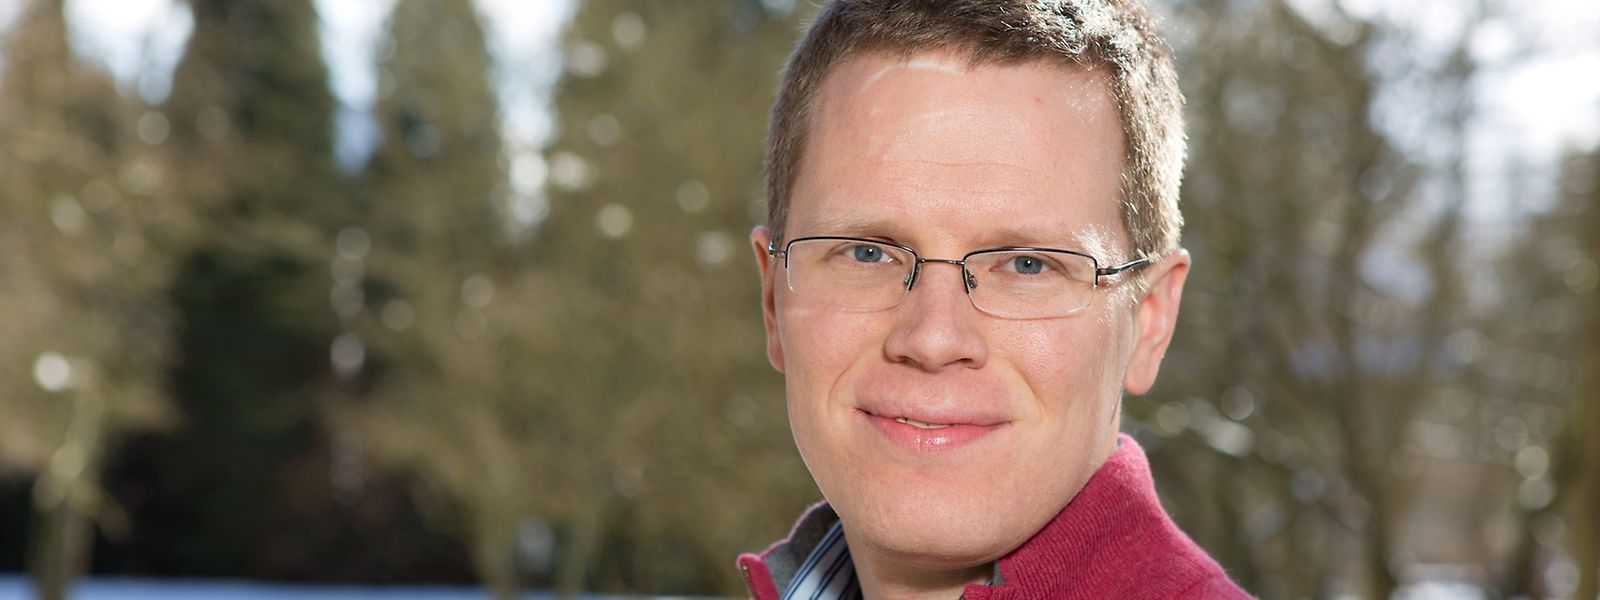 Thomas Schmidt kam über Yale und Basel an die Universität Luxemburg.